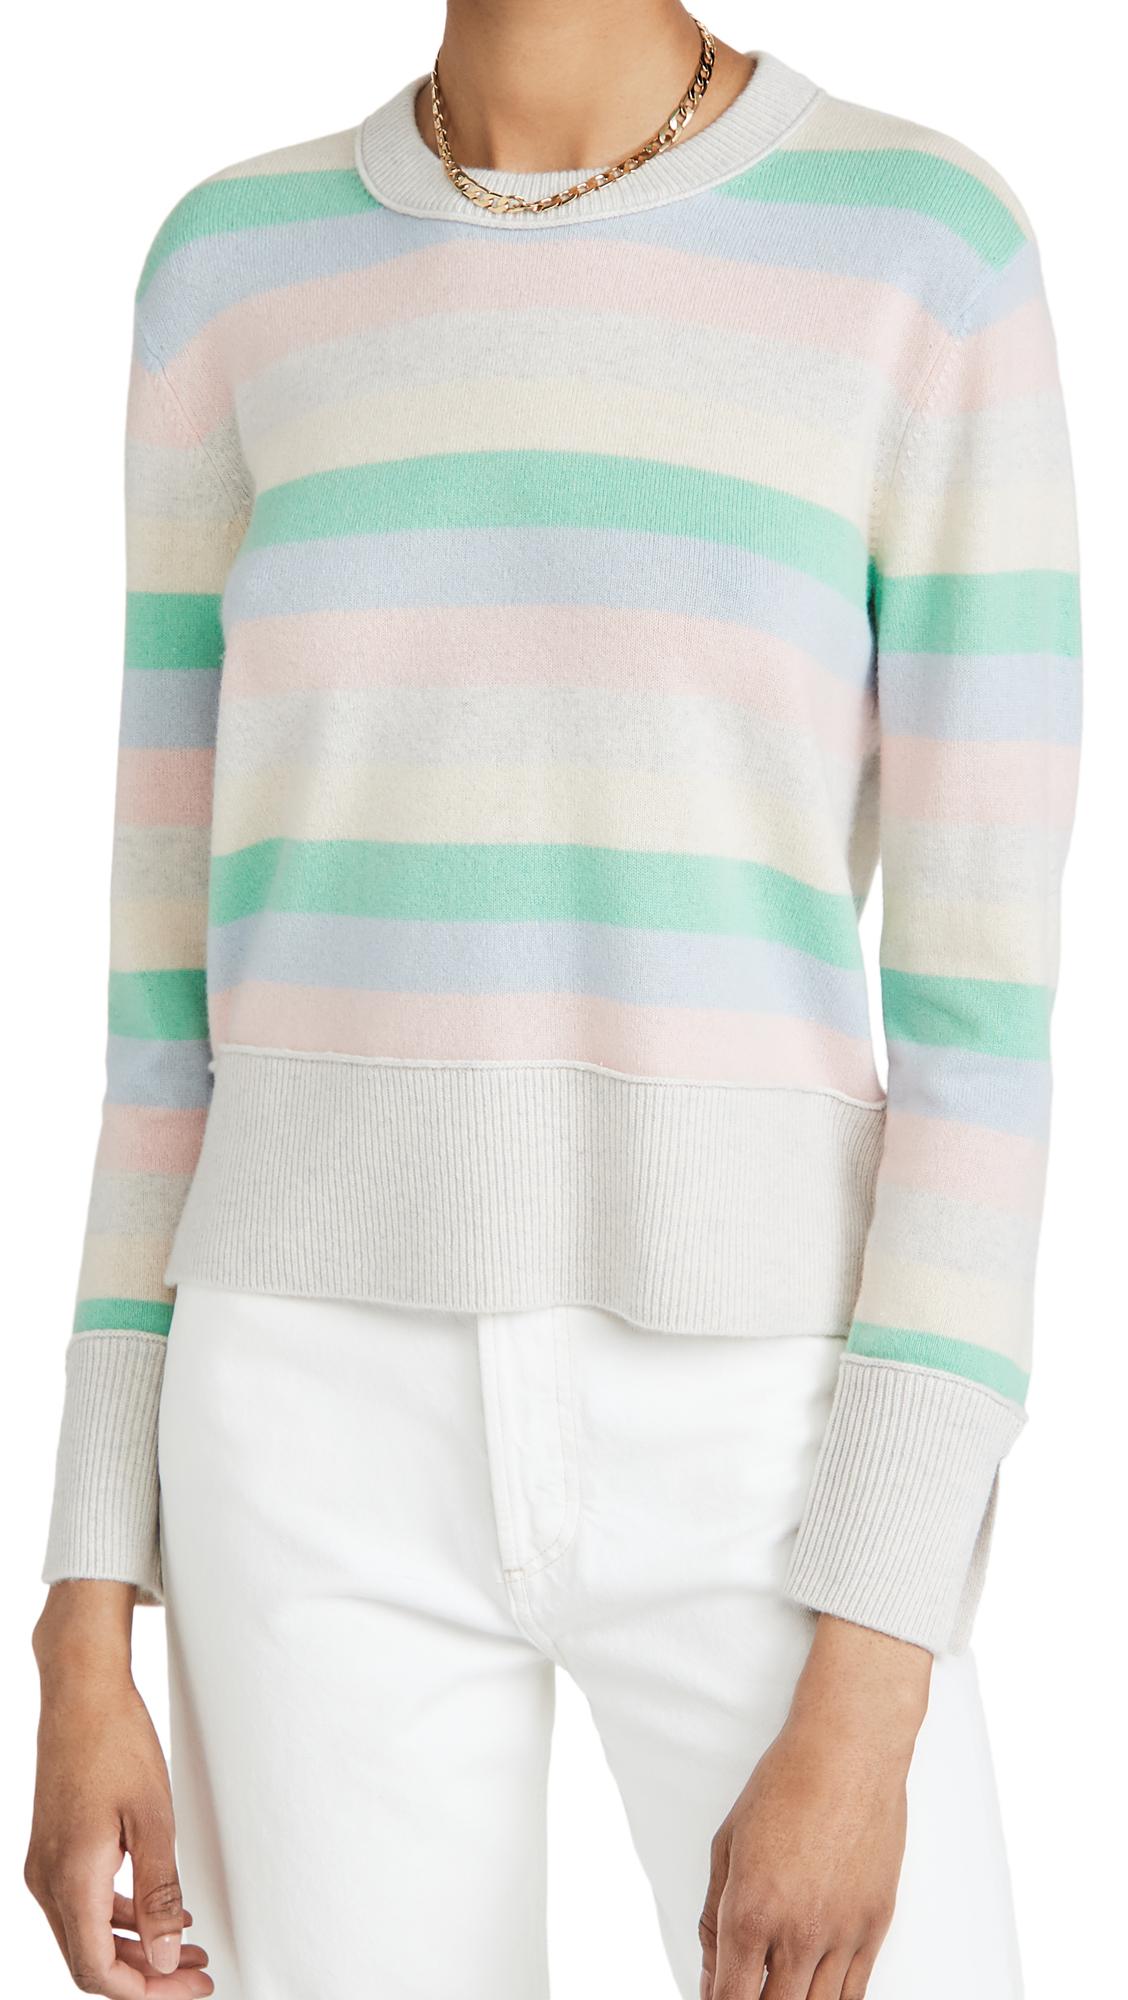 Club Monaco Everywear Cashmere Sweater